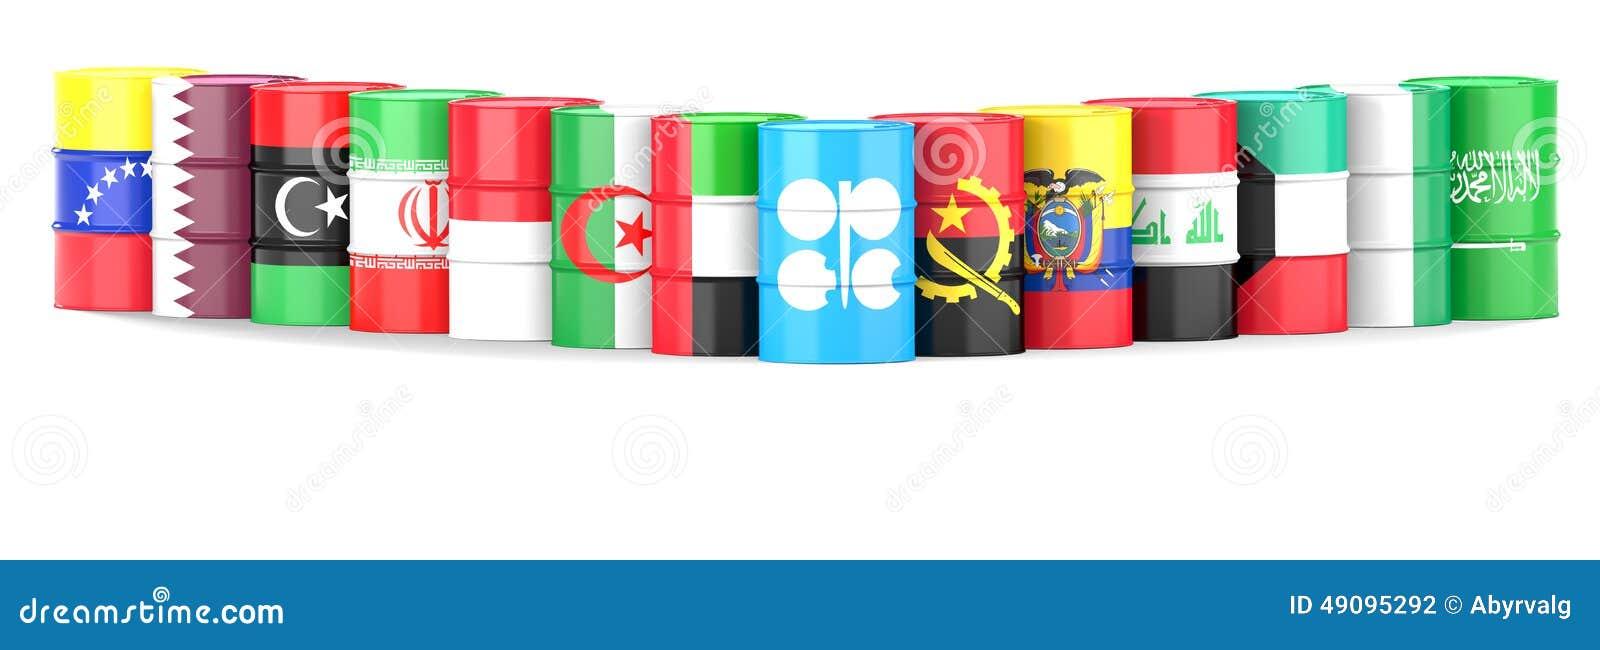 Организация флагов и масла страна-экспортеров нефти